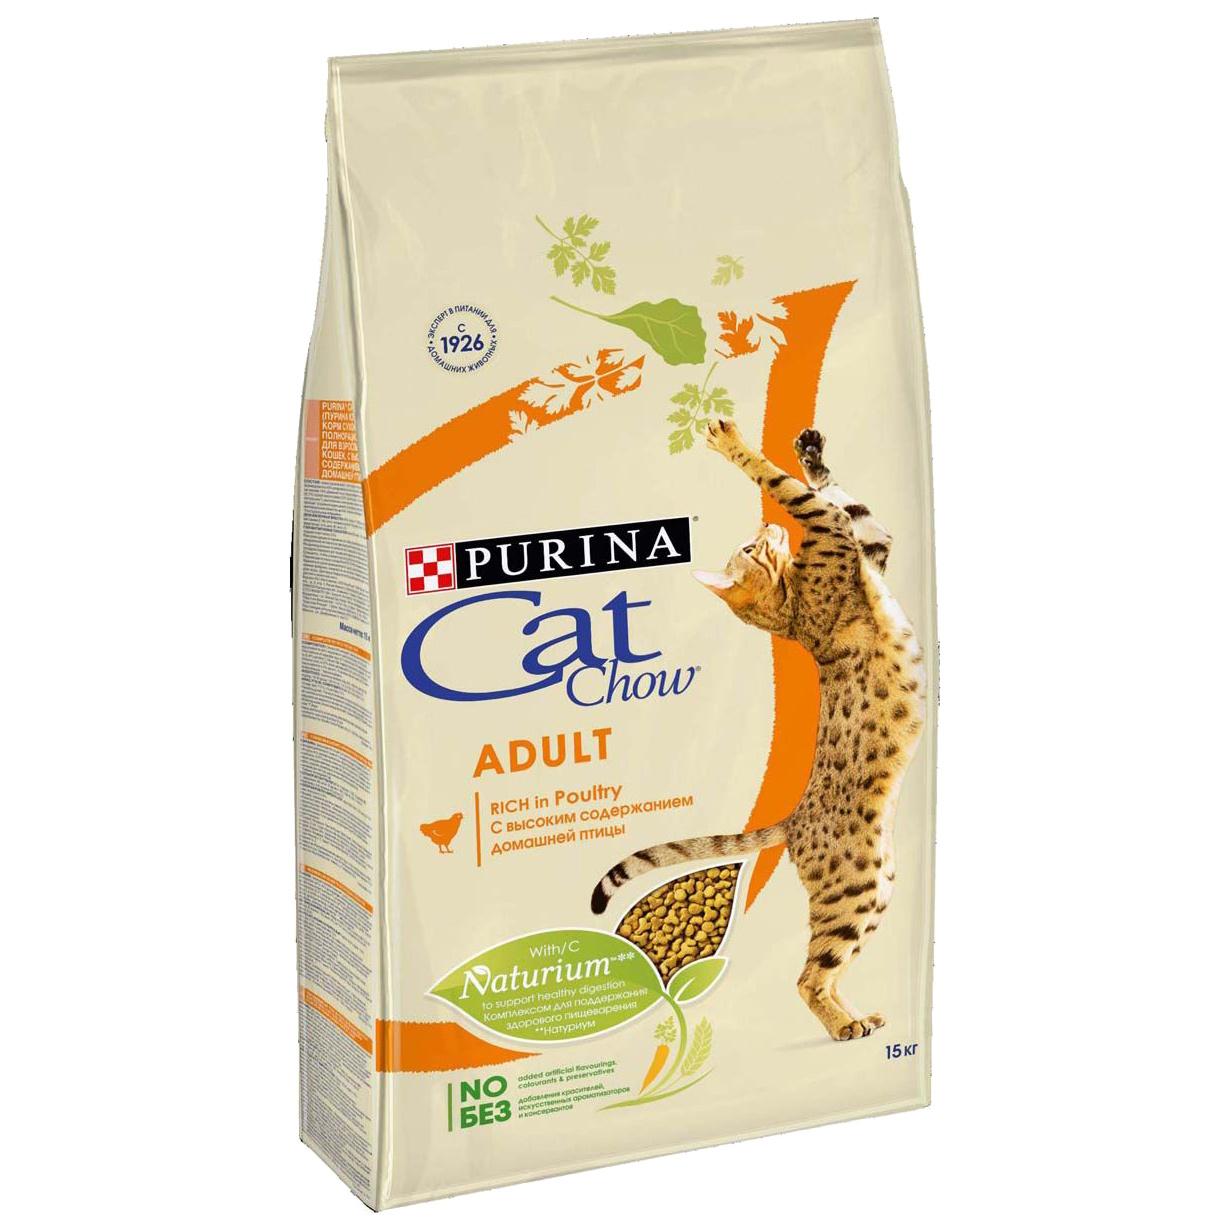 Сухой корм для кошек Cat Chow Adult, домашняя птица, 15кг фото